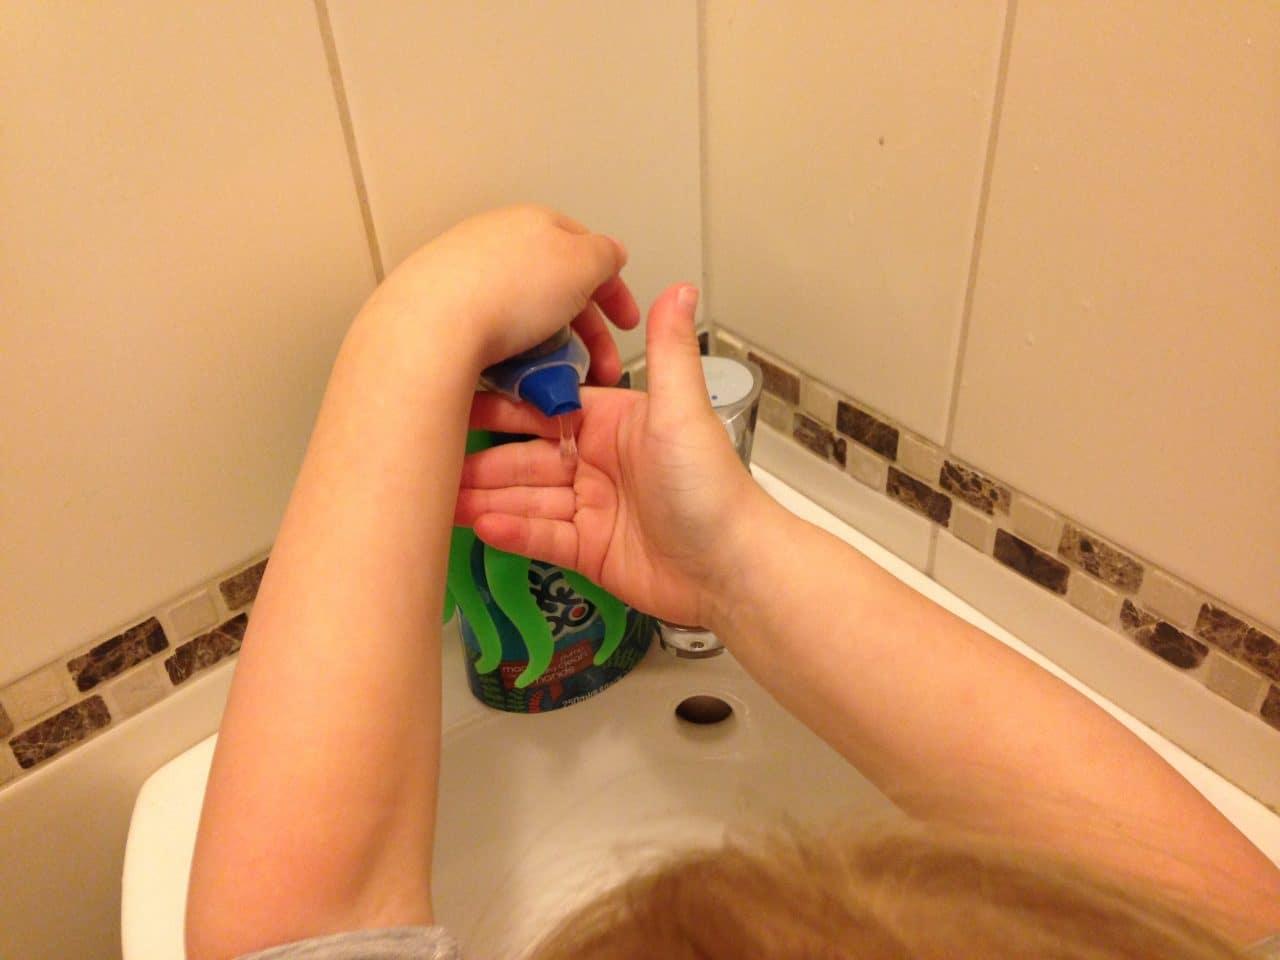 Handen wassen: Doe jij het altijd? Zeg eens eerlijk?!